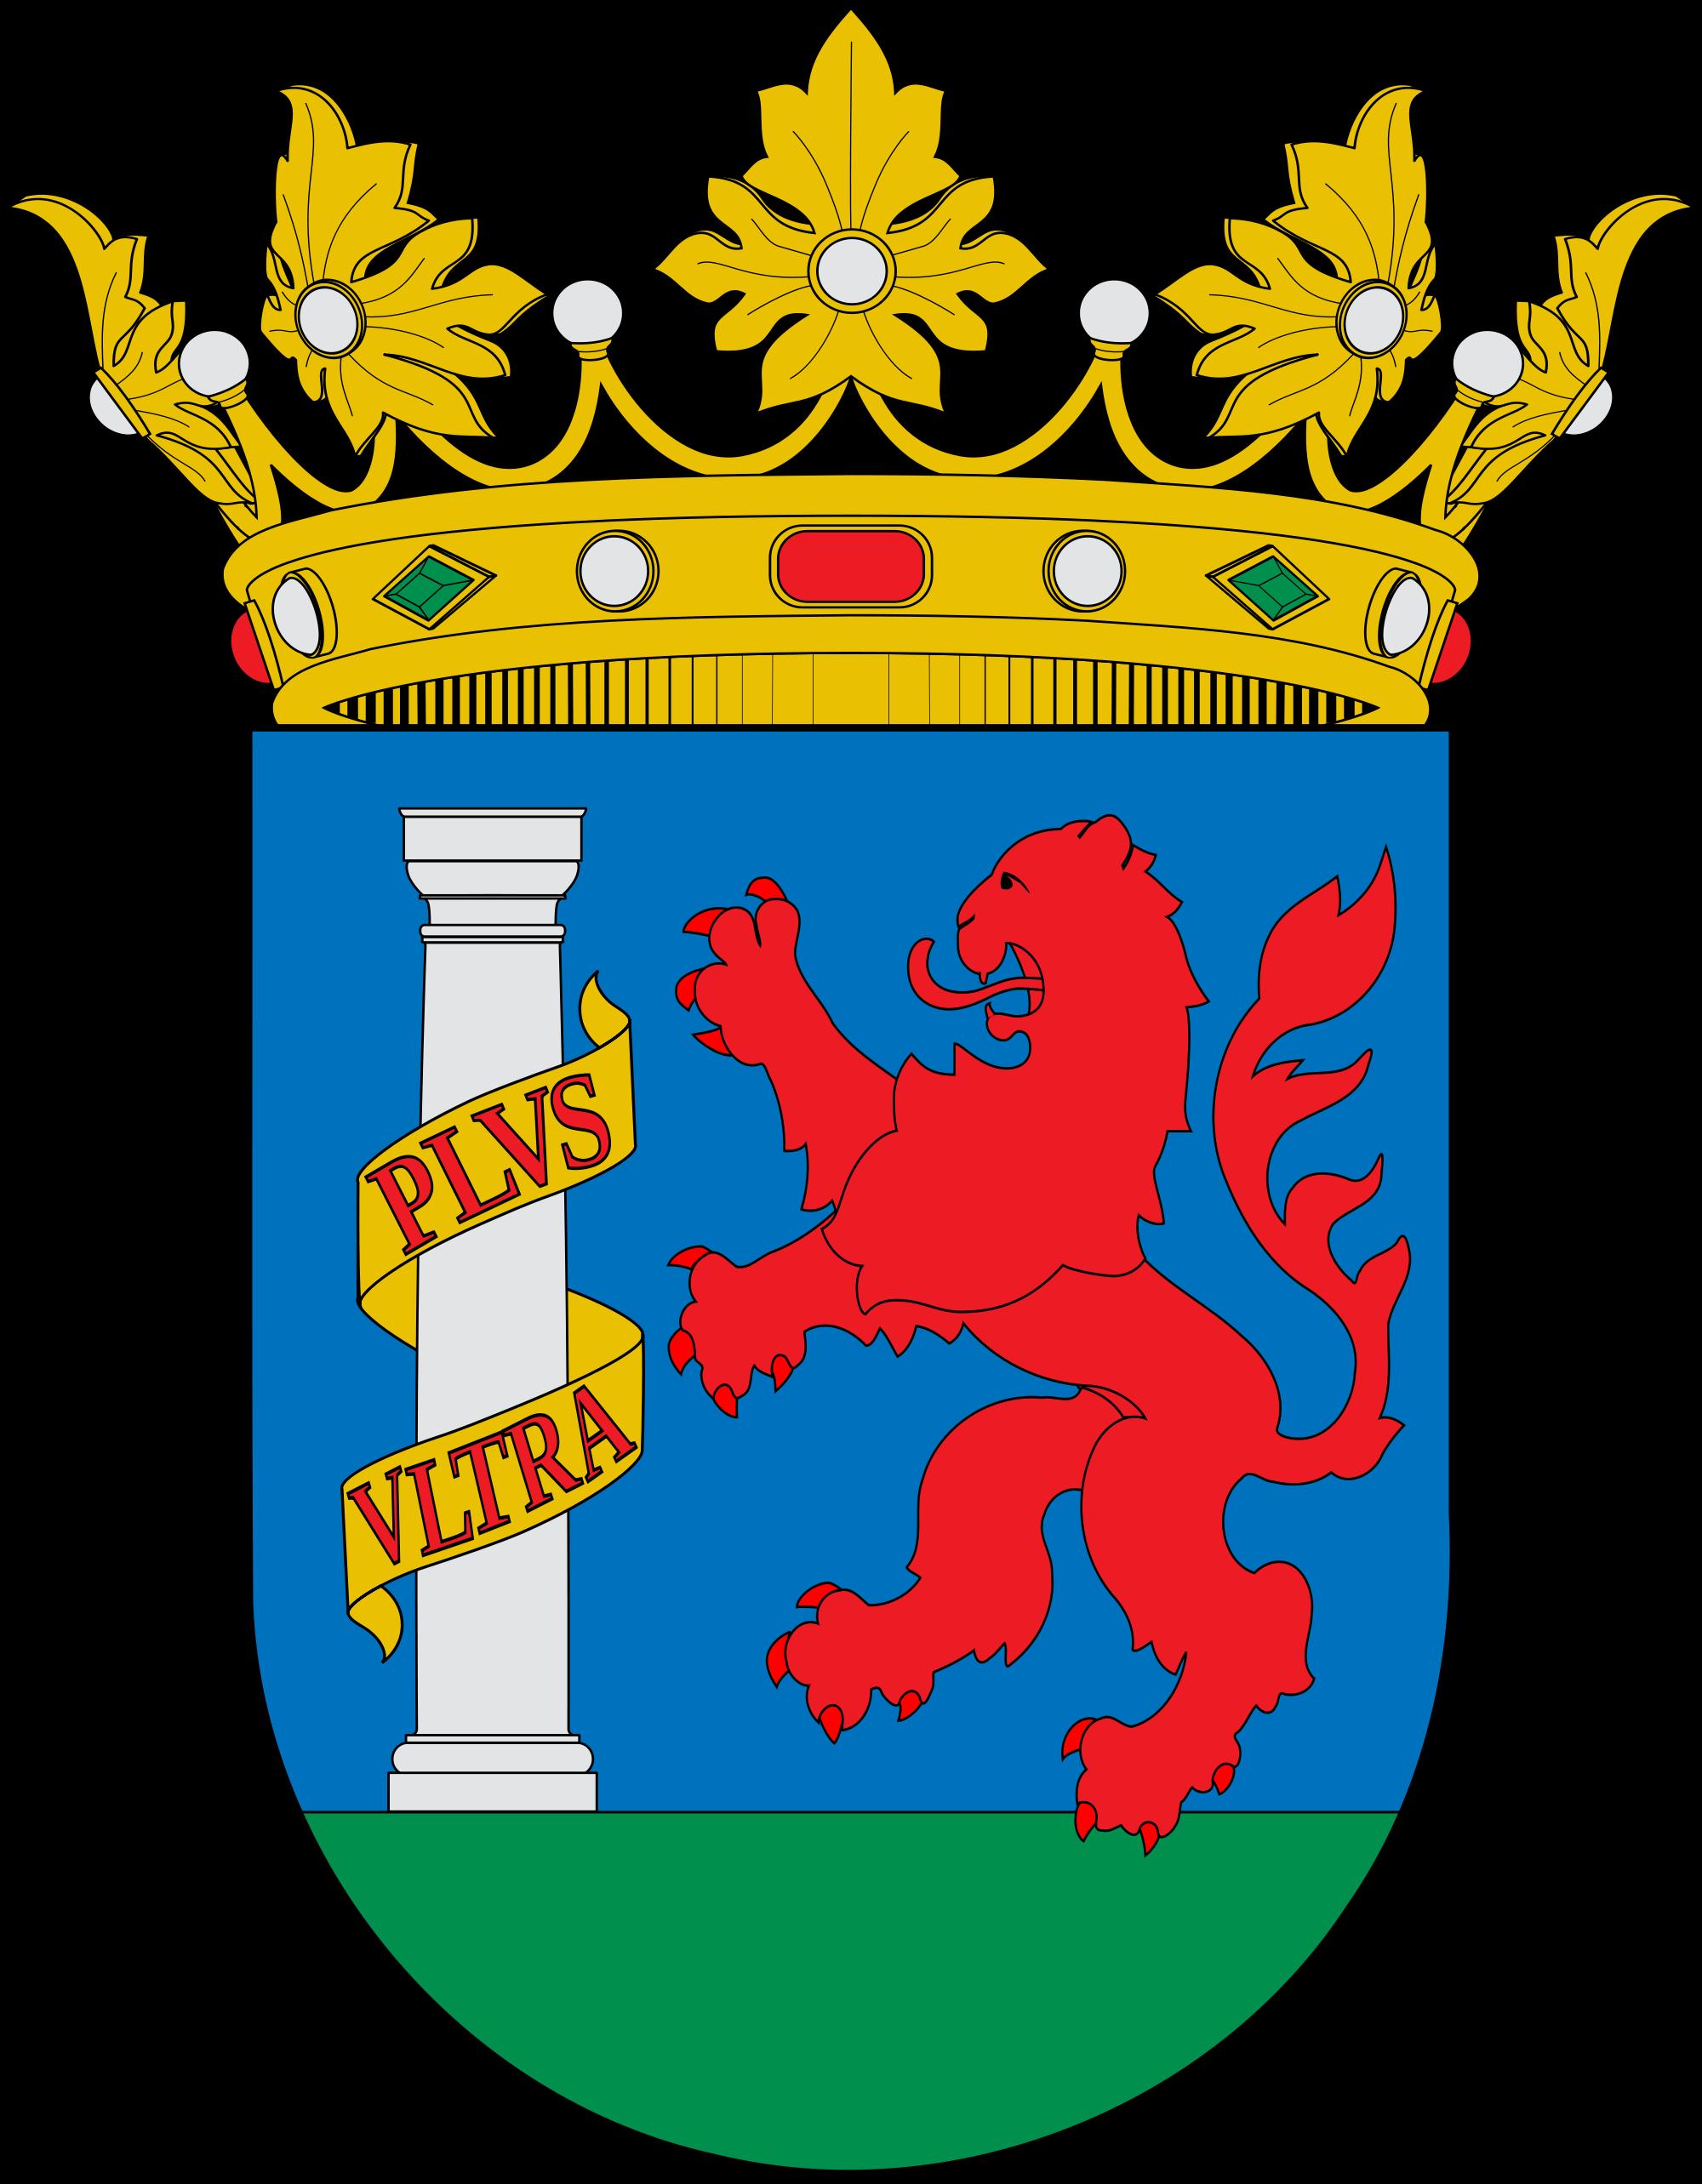 File:Provincia de Badajoz.